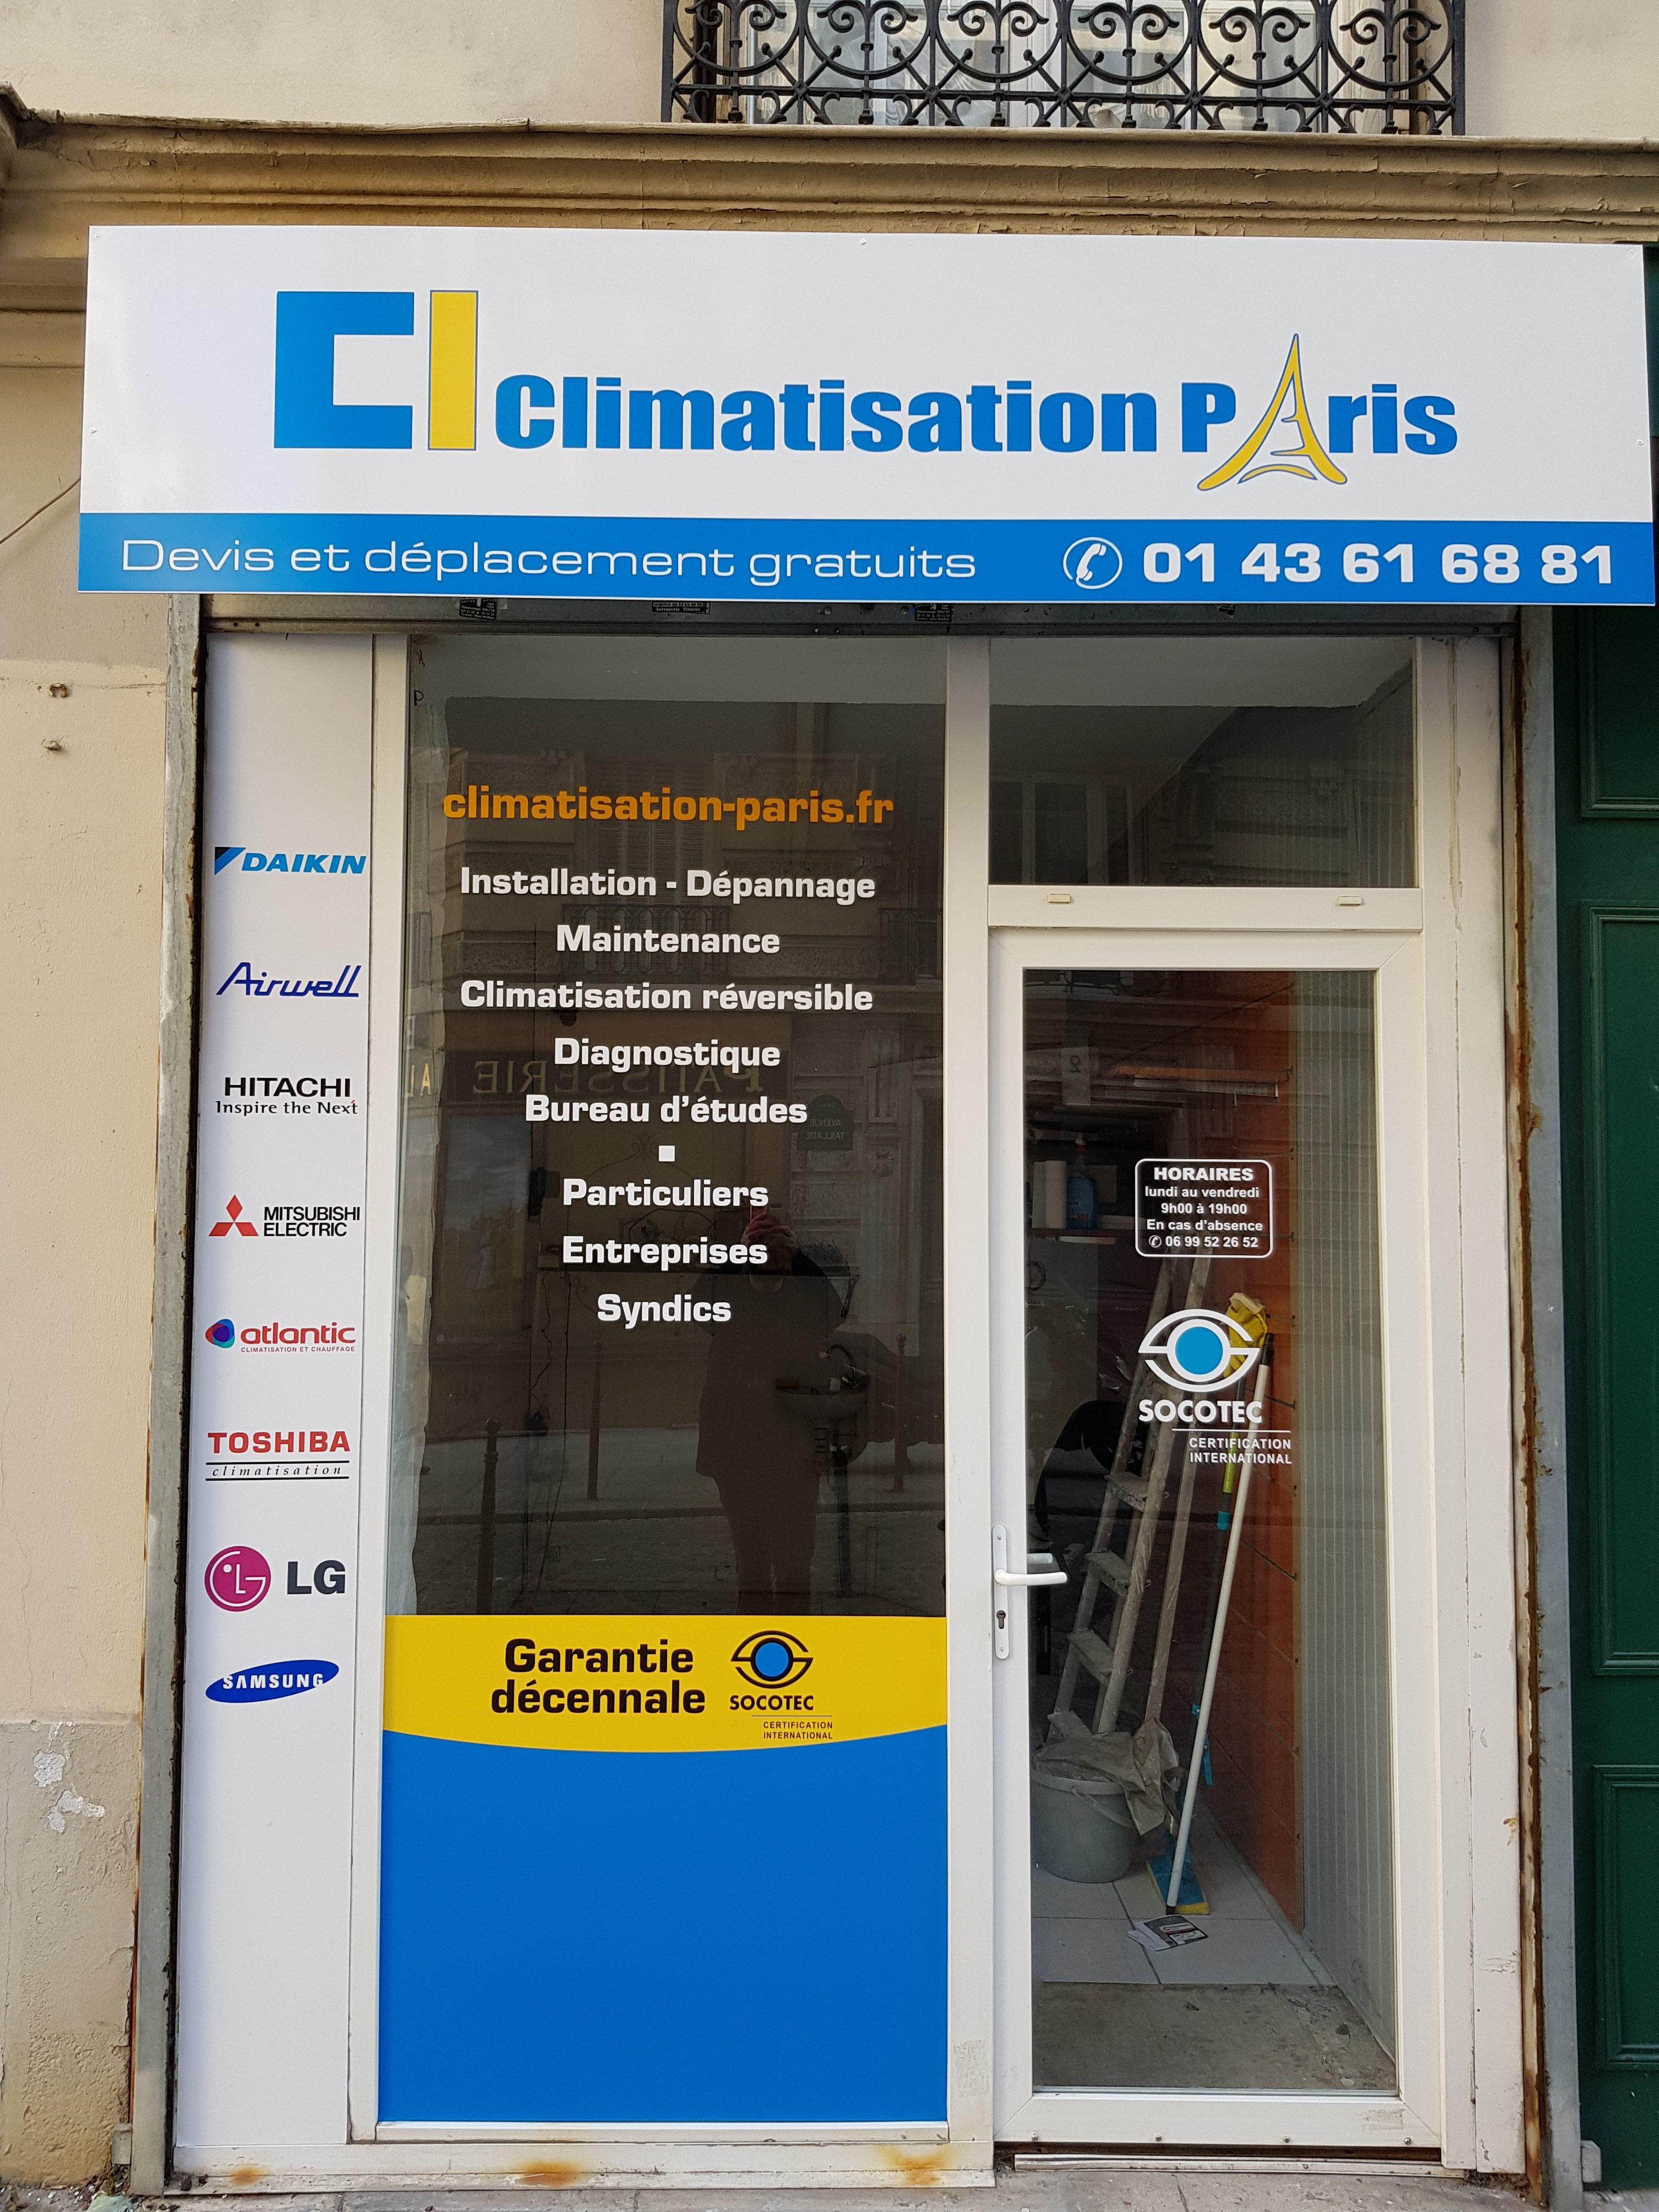 Climatisation Paris Fr Specialiste Du Froid Et De La Climatisation A Paris